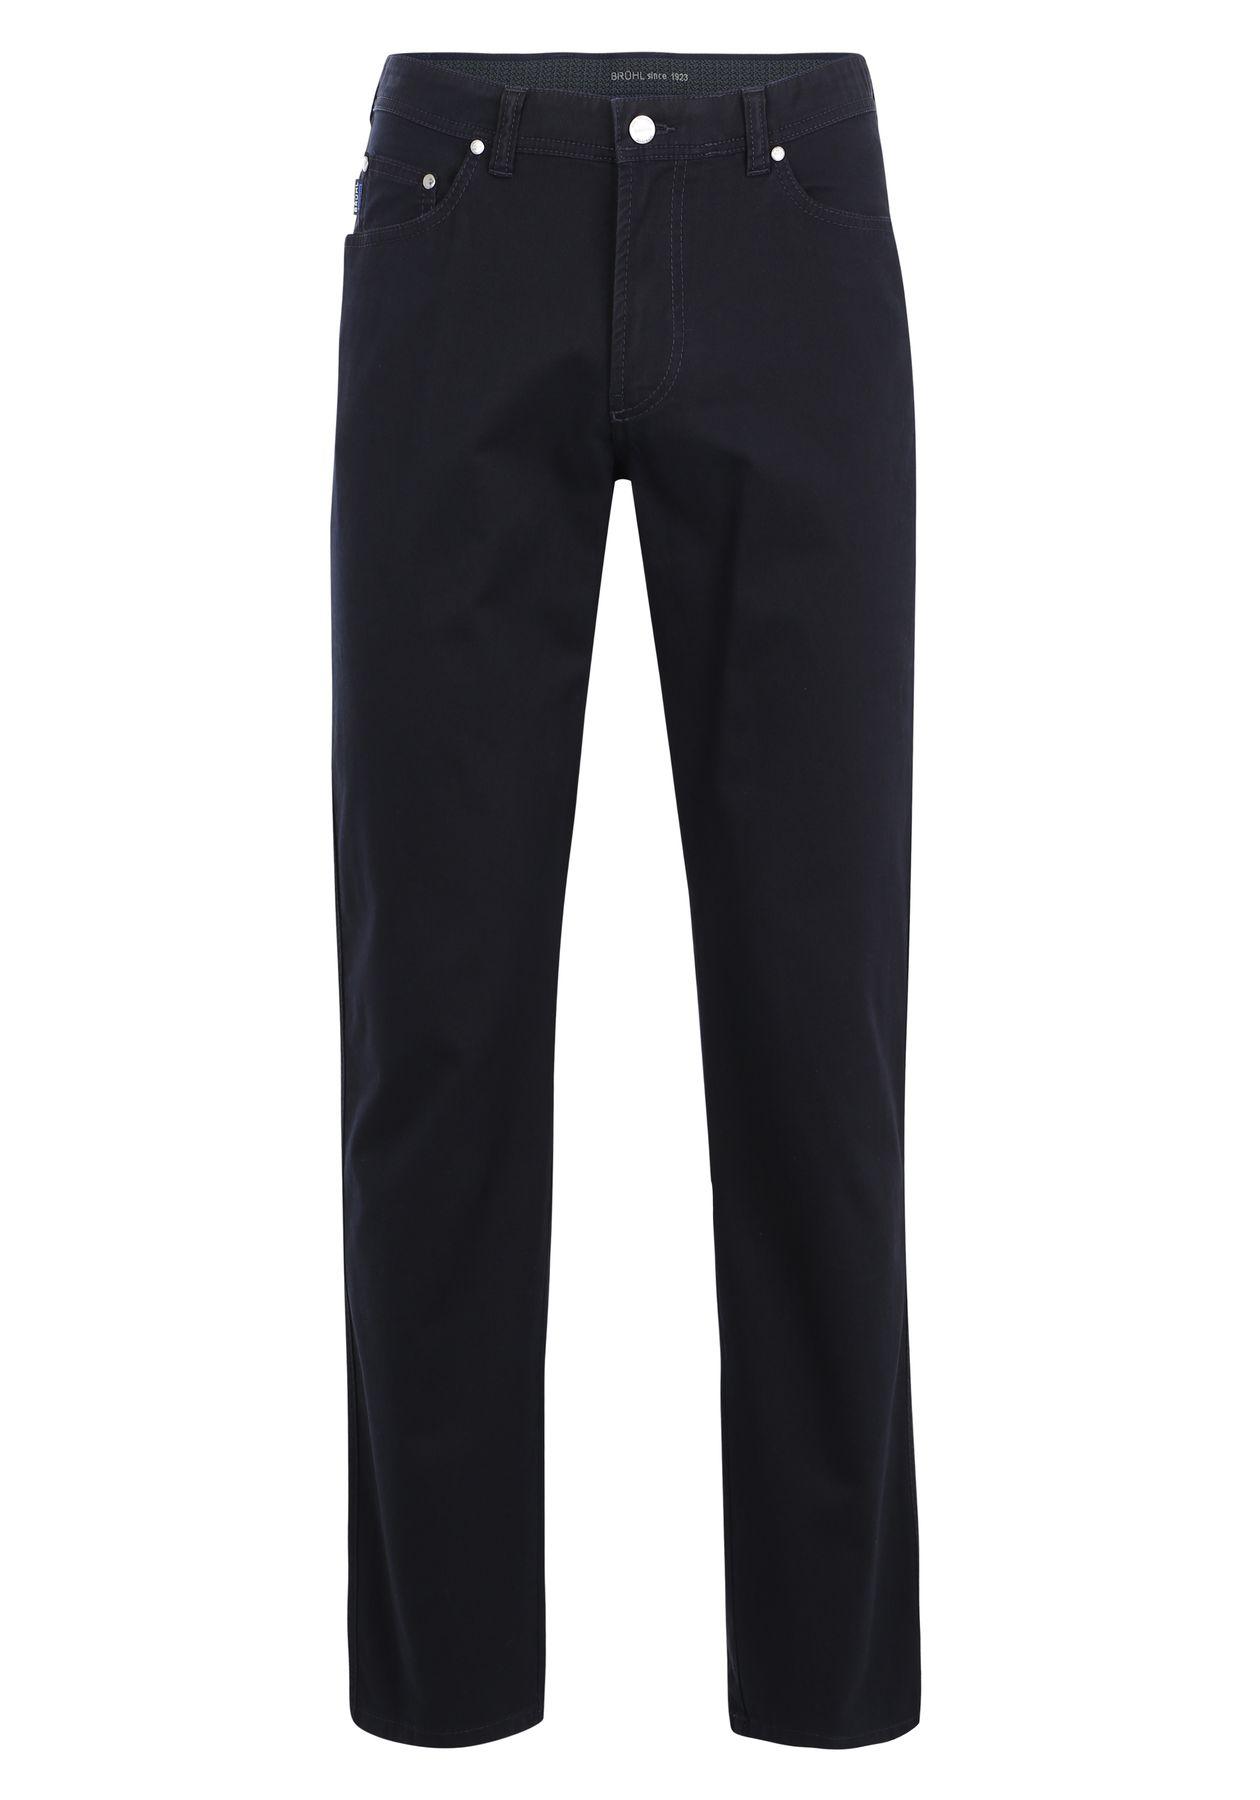 Brühl - Herren 5-Pocket Baumwollhose in blau oder schwarz, Genua 3 (0534182700100) – Bild 1